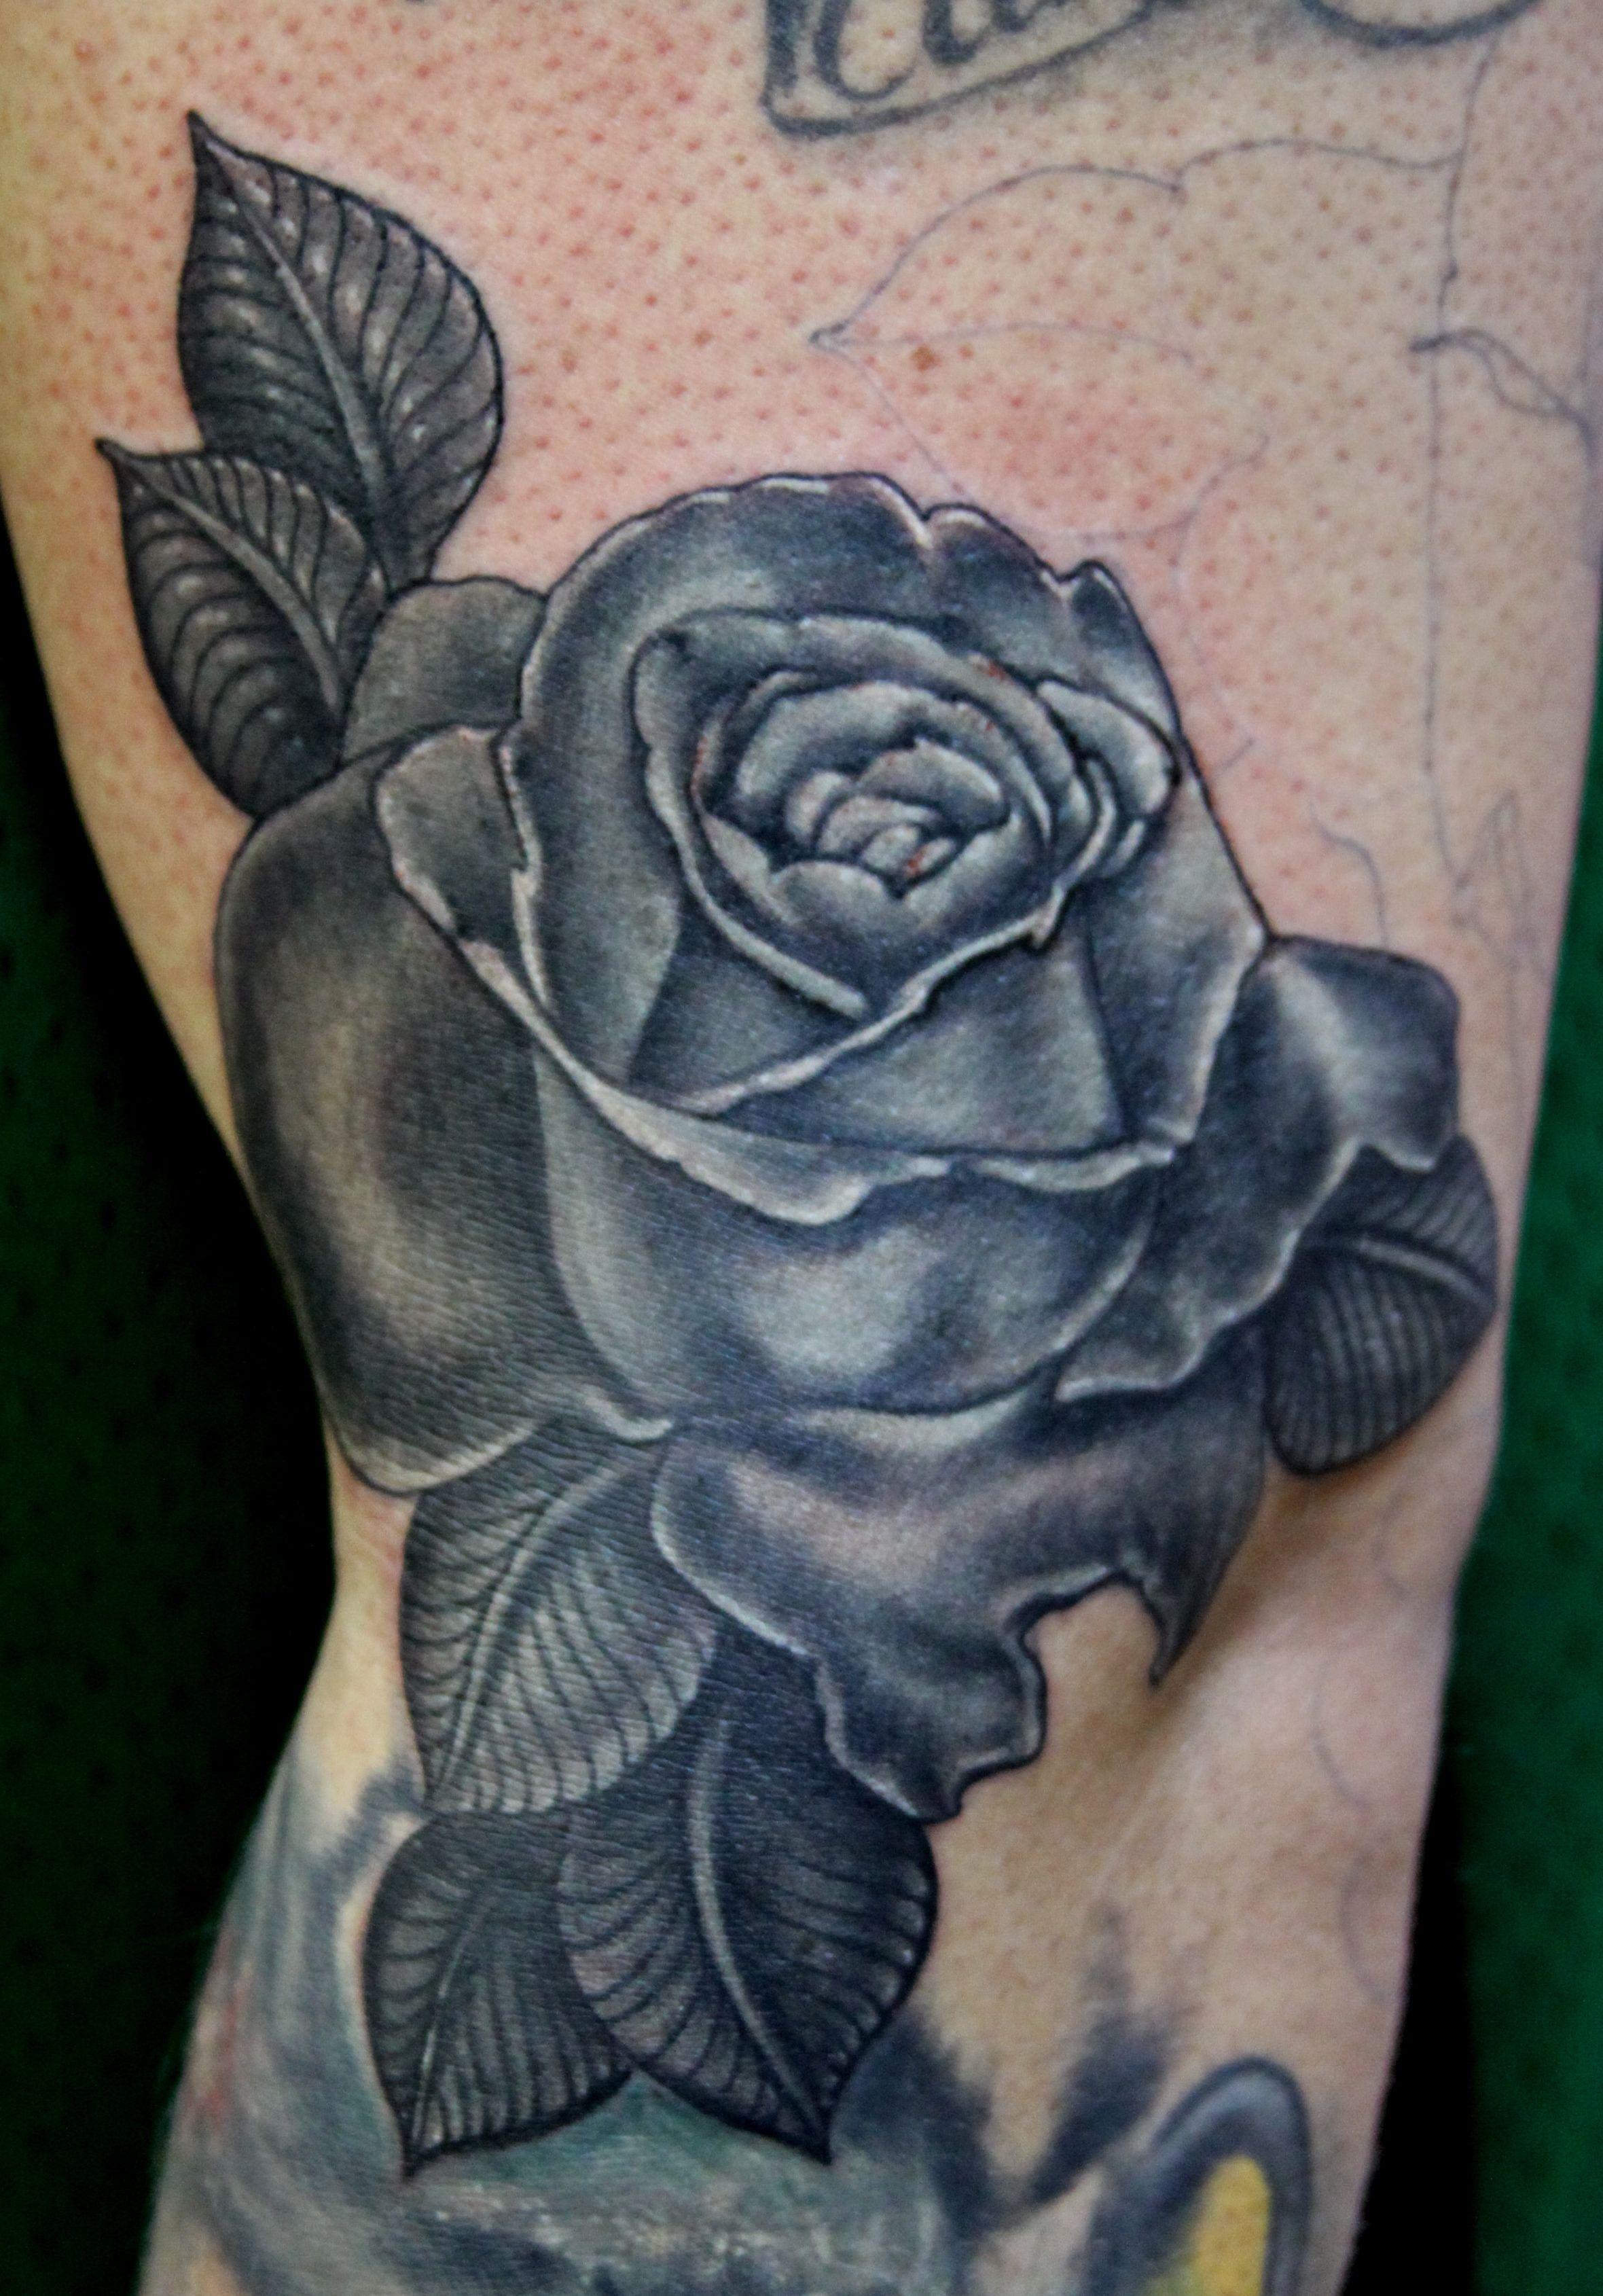 Amazing Black Rose Tattoo Design Jpg 2360 3380 Black Rose Tattoos Rose Tattoos Rose Tattoos For Women,Poorhouse Quilt Designs